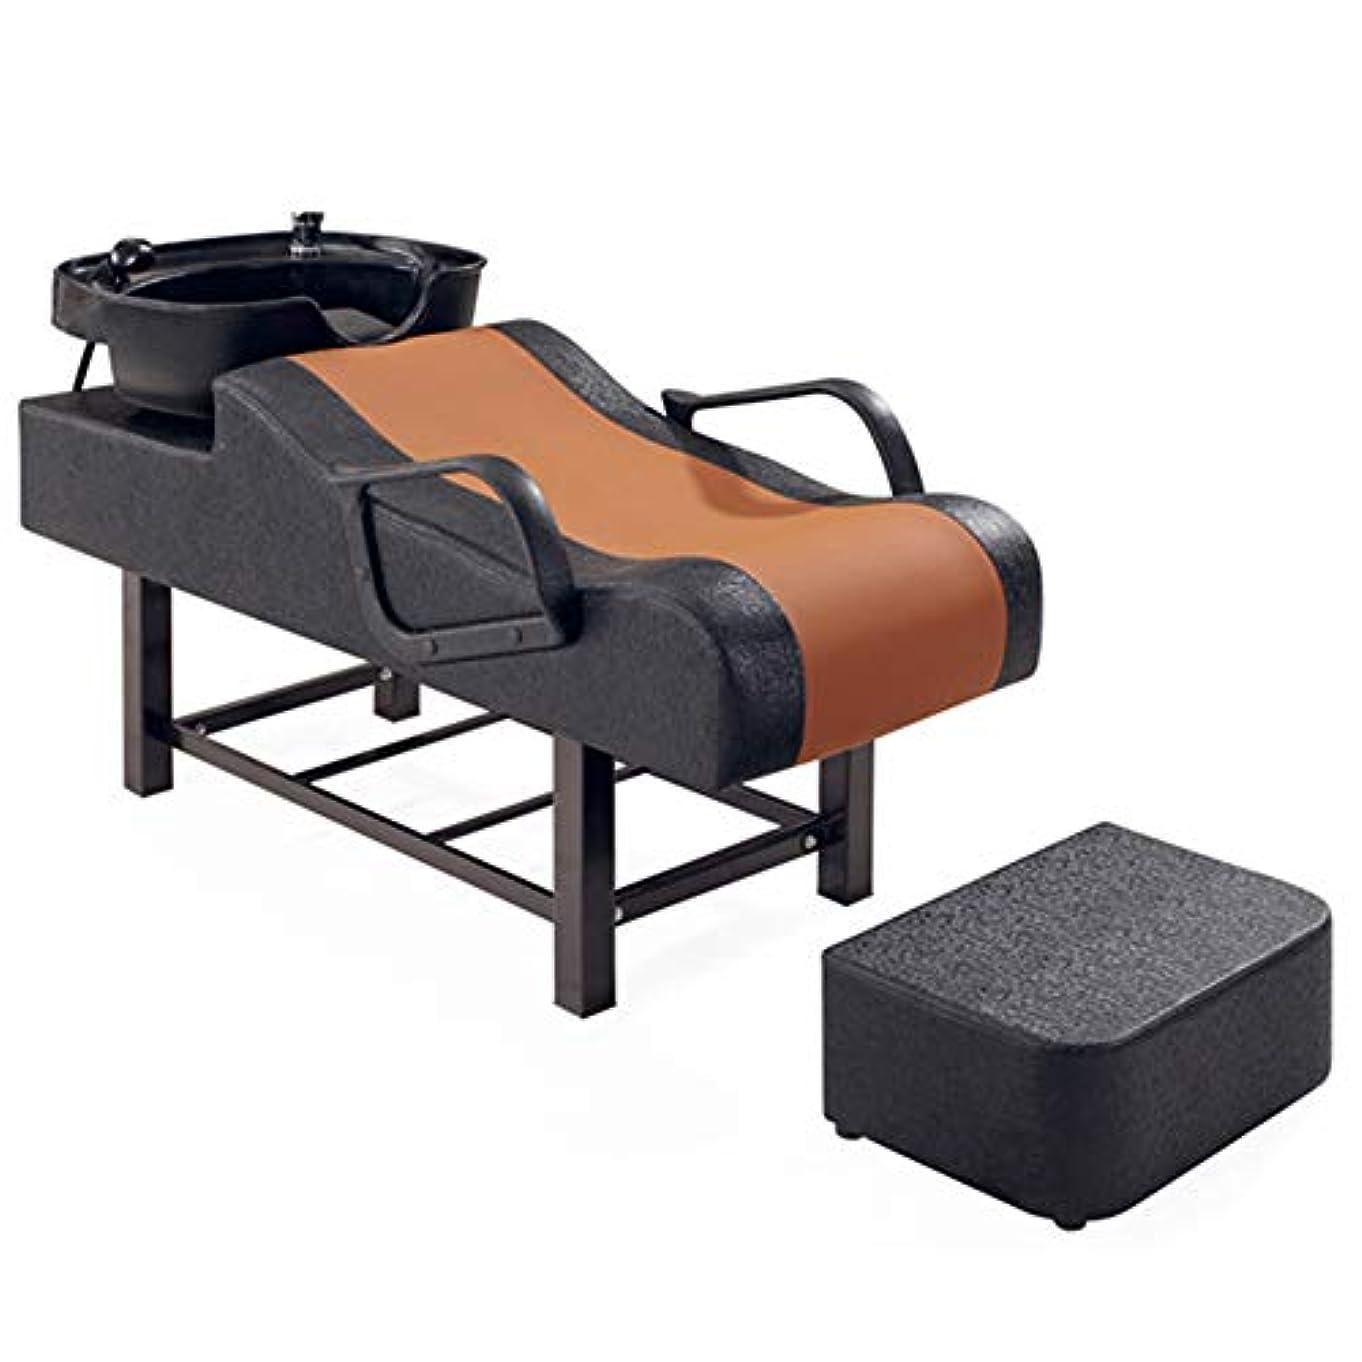 ライド商業の交流するシャンプーの理髪師の逆洗の椅子、鉱泉の美容院の穿孔器のベッドのためのシャンプーボールの流しの椅子